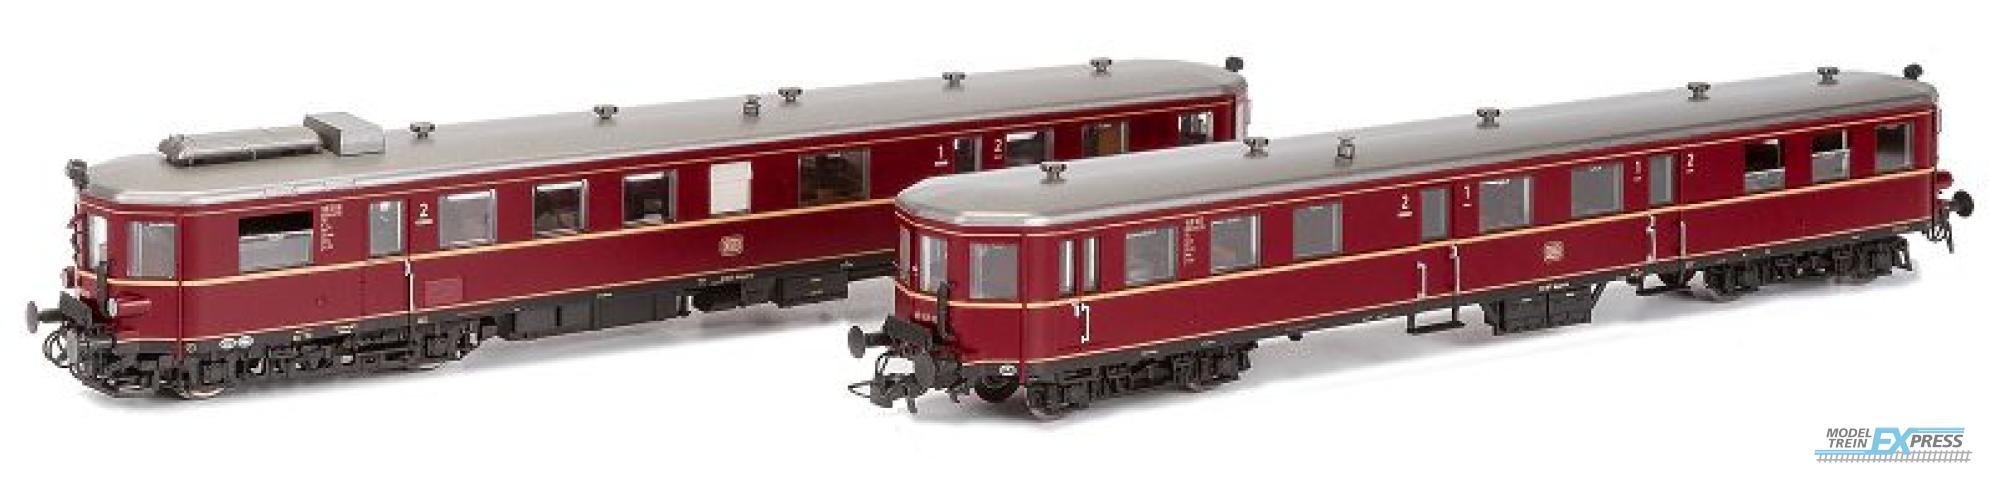 Hobbytrain 303801S